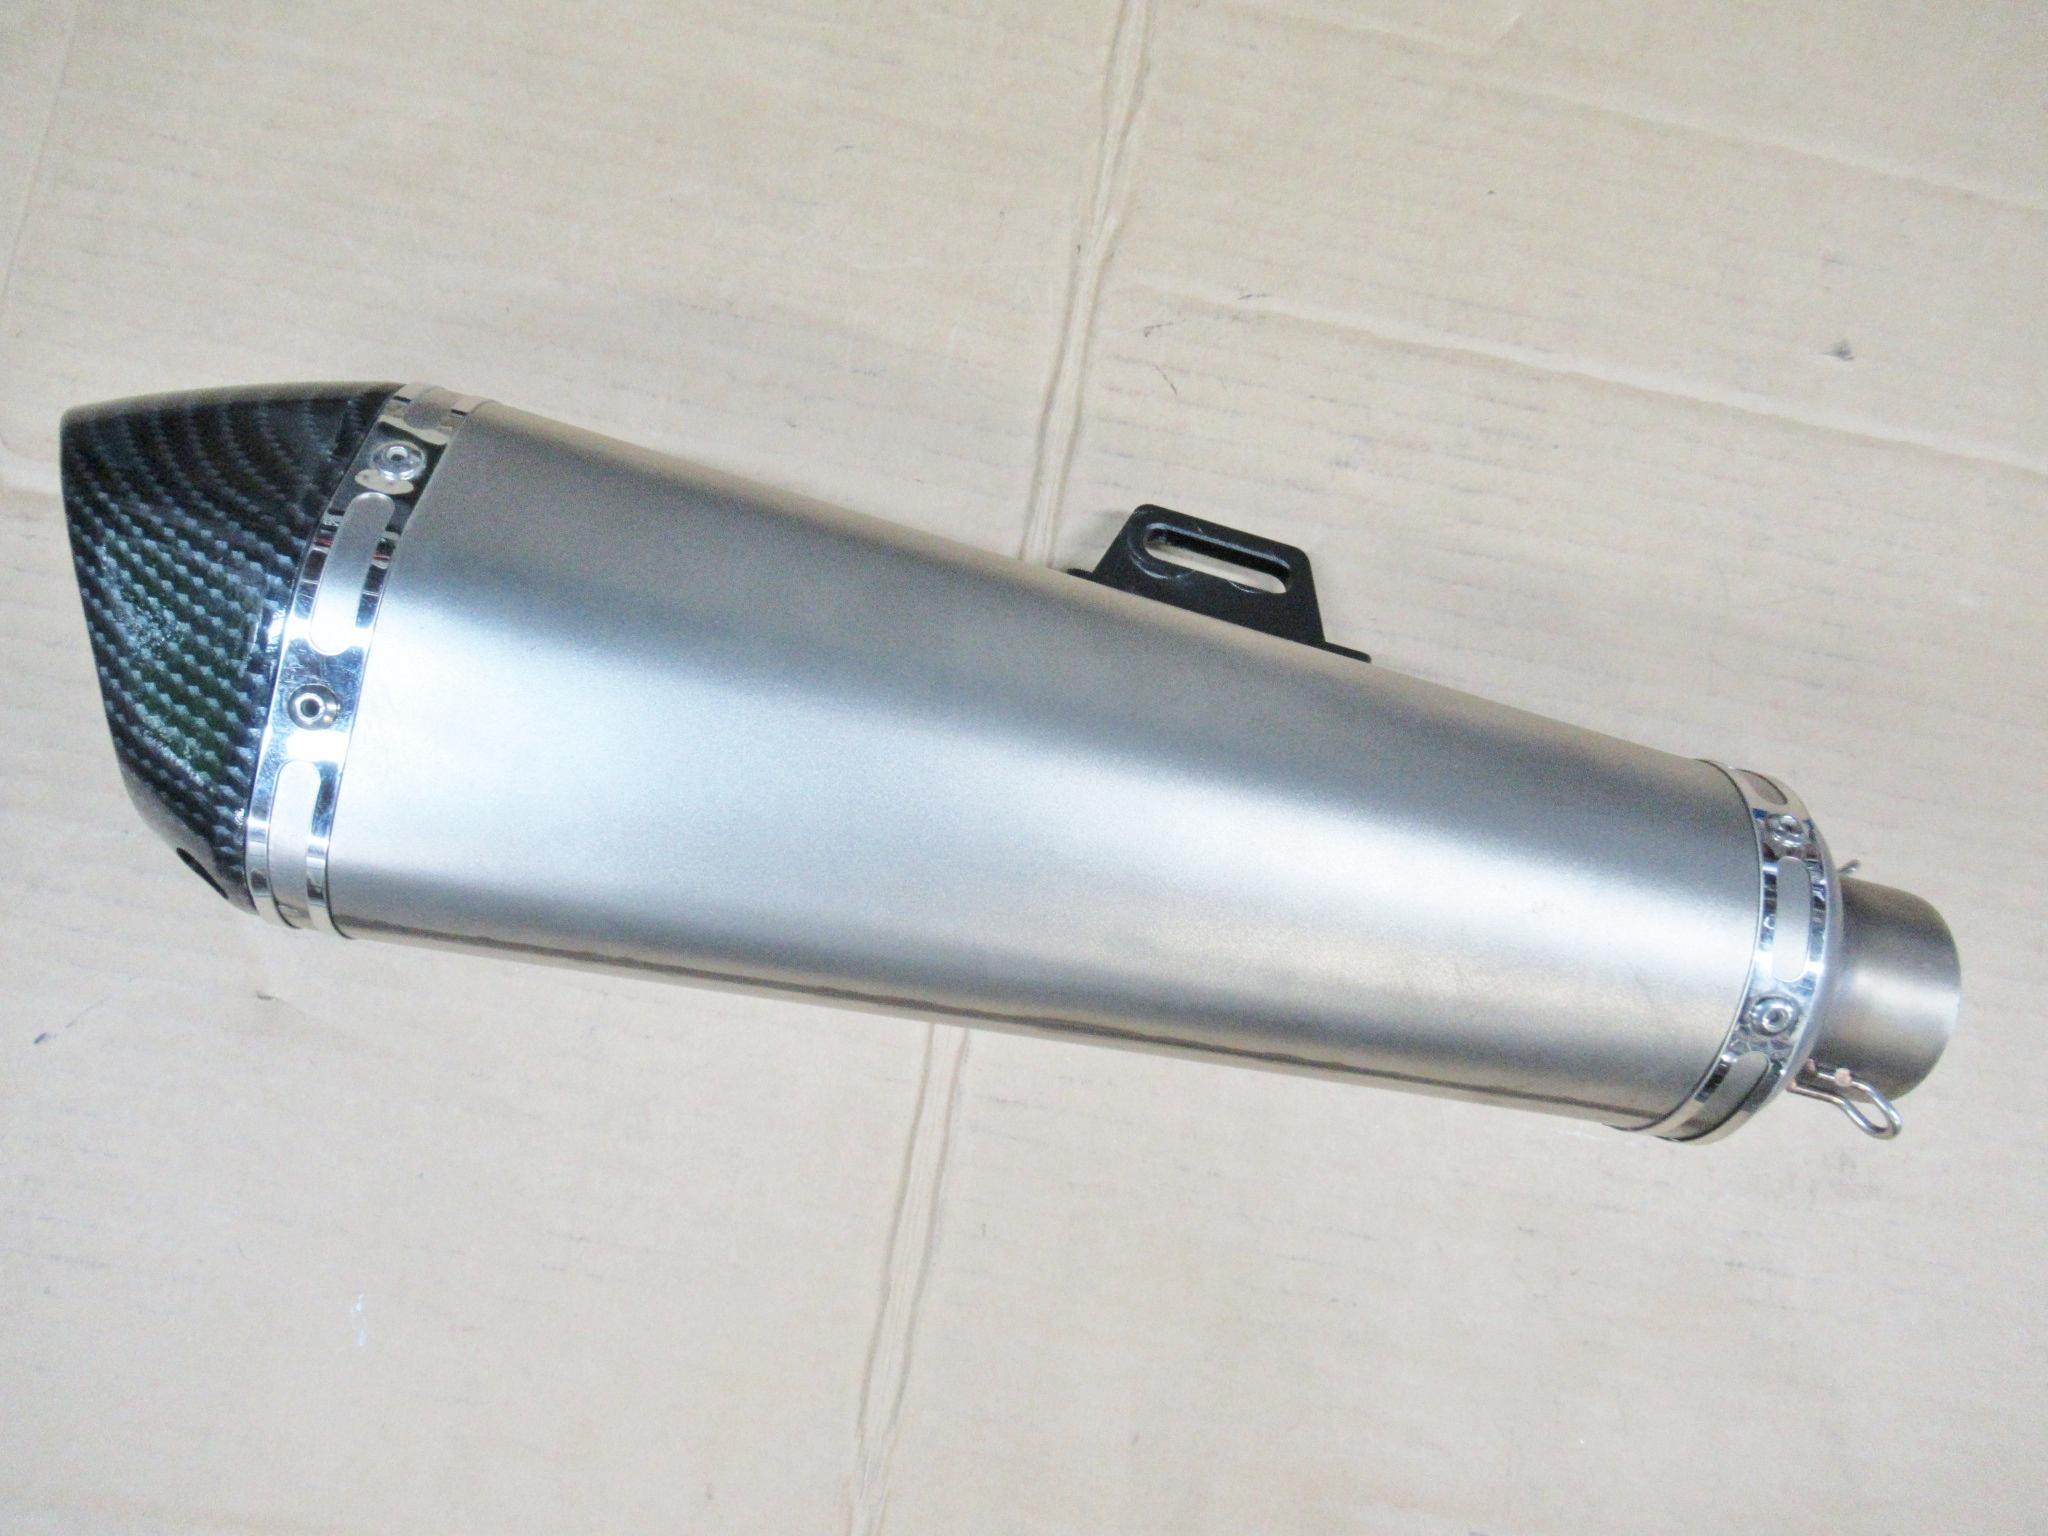 http://www.precious-factory.com/preciousfactory2010/IMG_0148.JPG